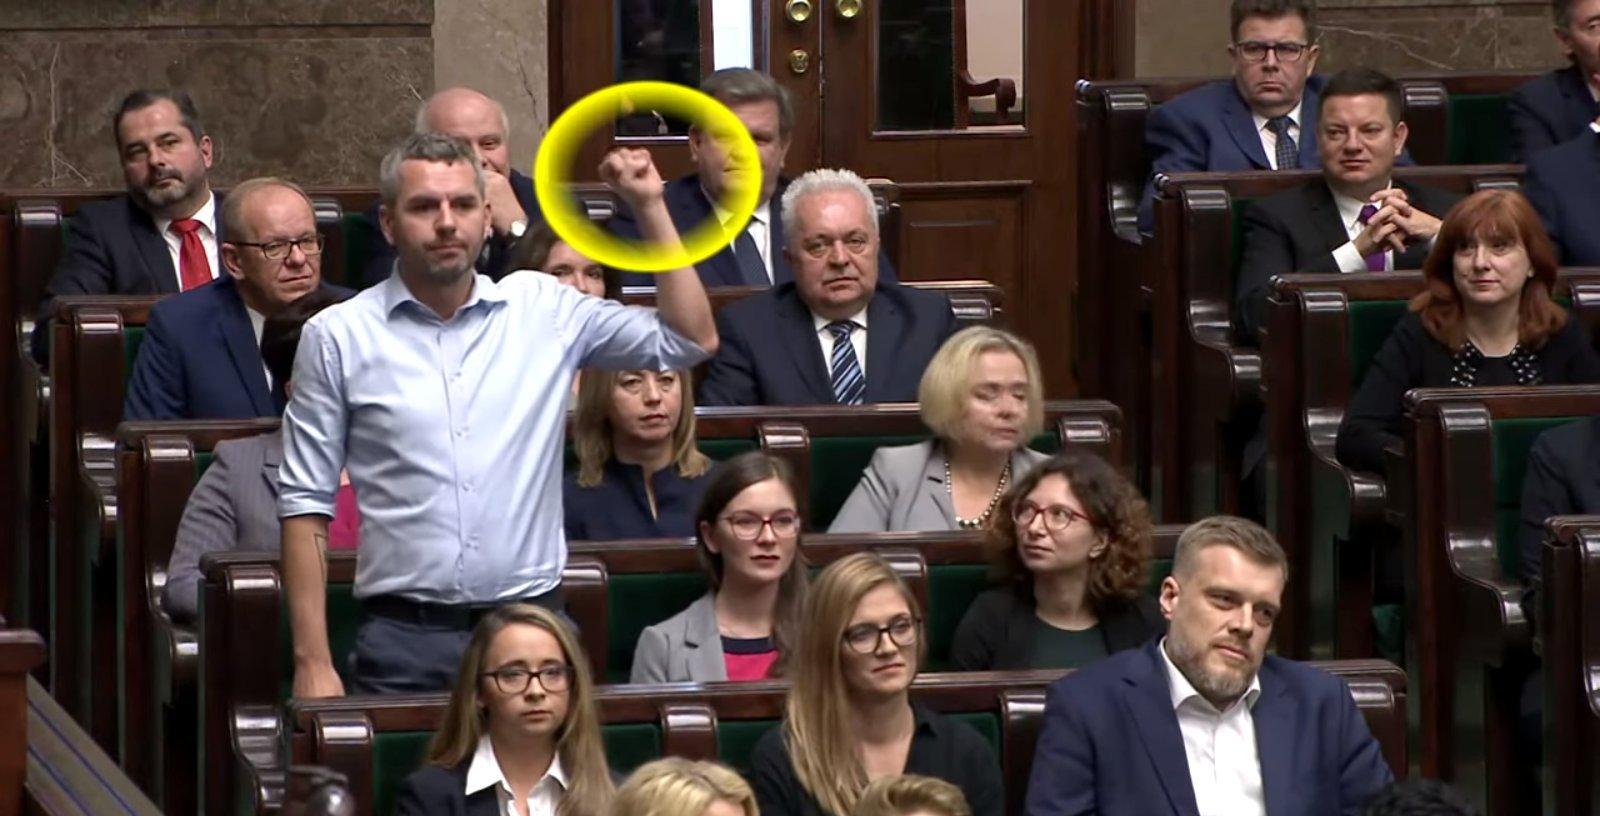 Partia Razem - Maciej Konieczny